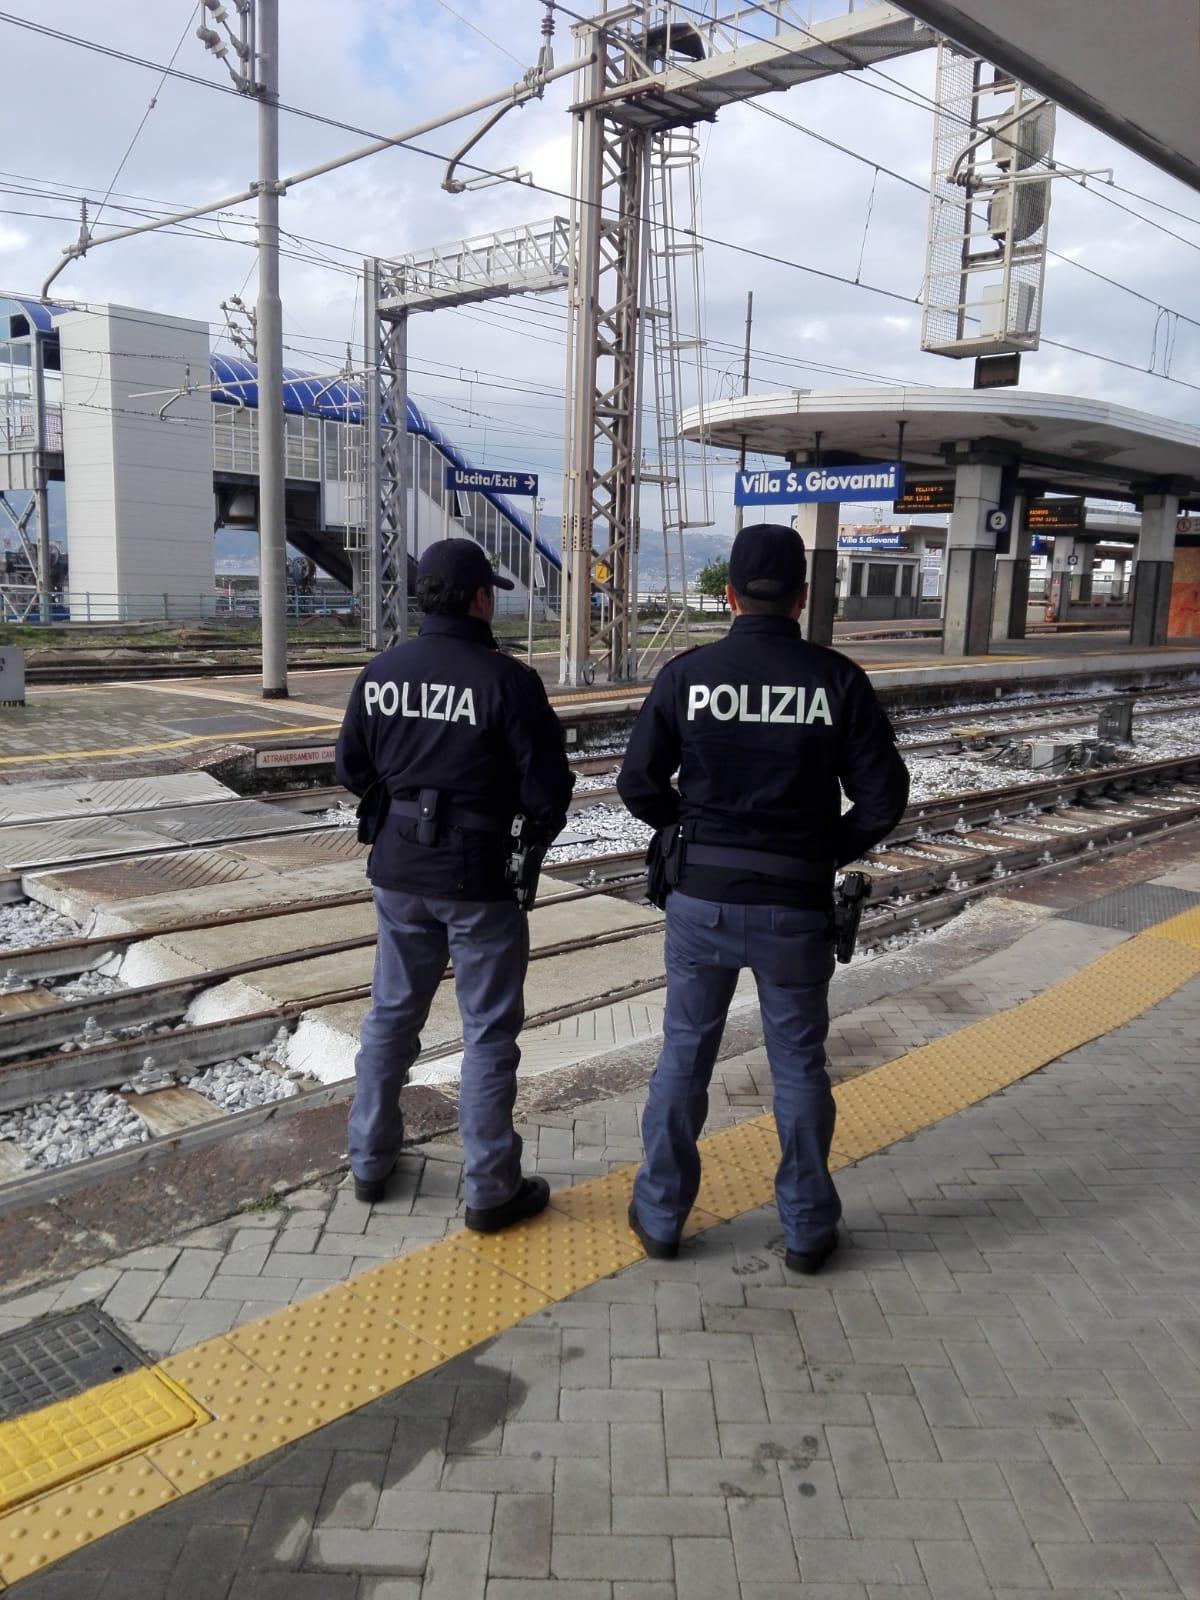 Villa, arrestato alla stazione uomo destinatario di un'ordinanza di cattura